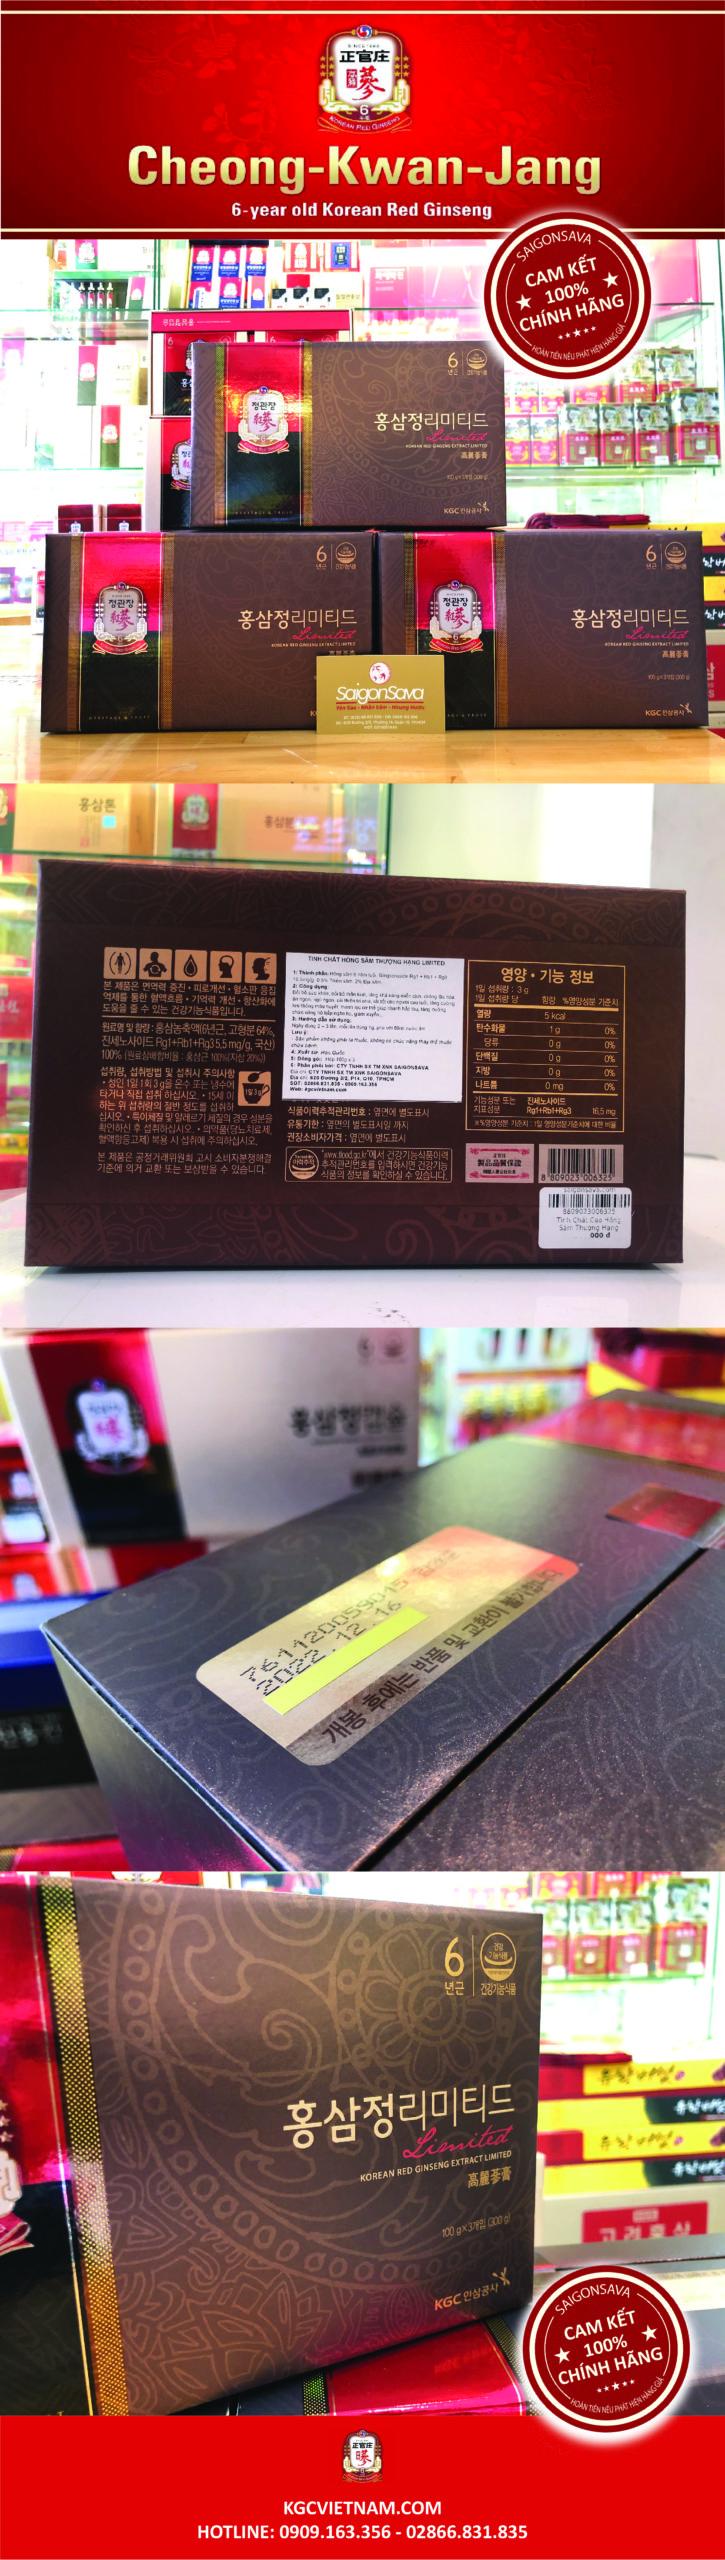 tinh chất hồng sâm thượng hạng kgc limited